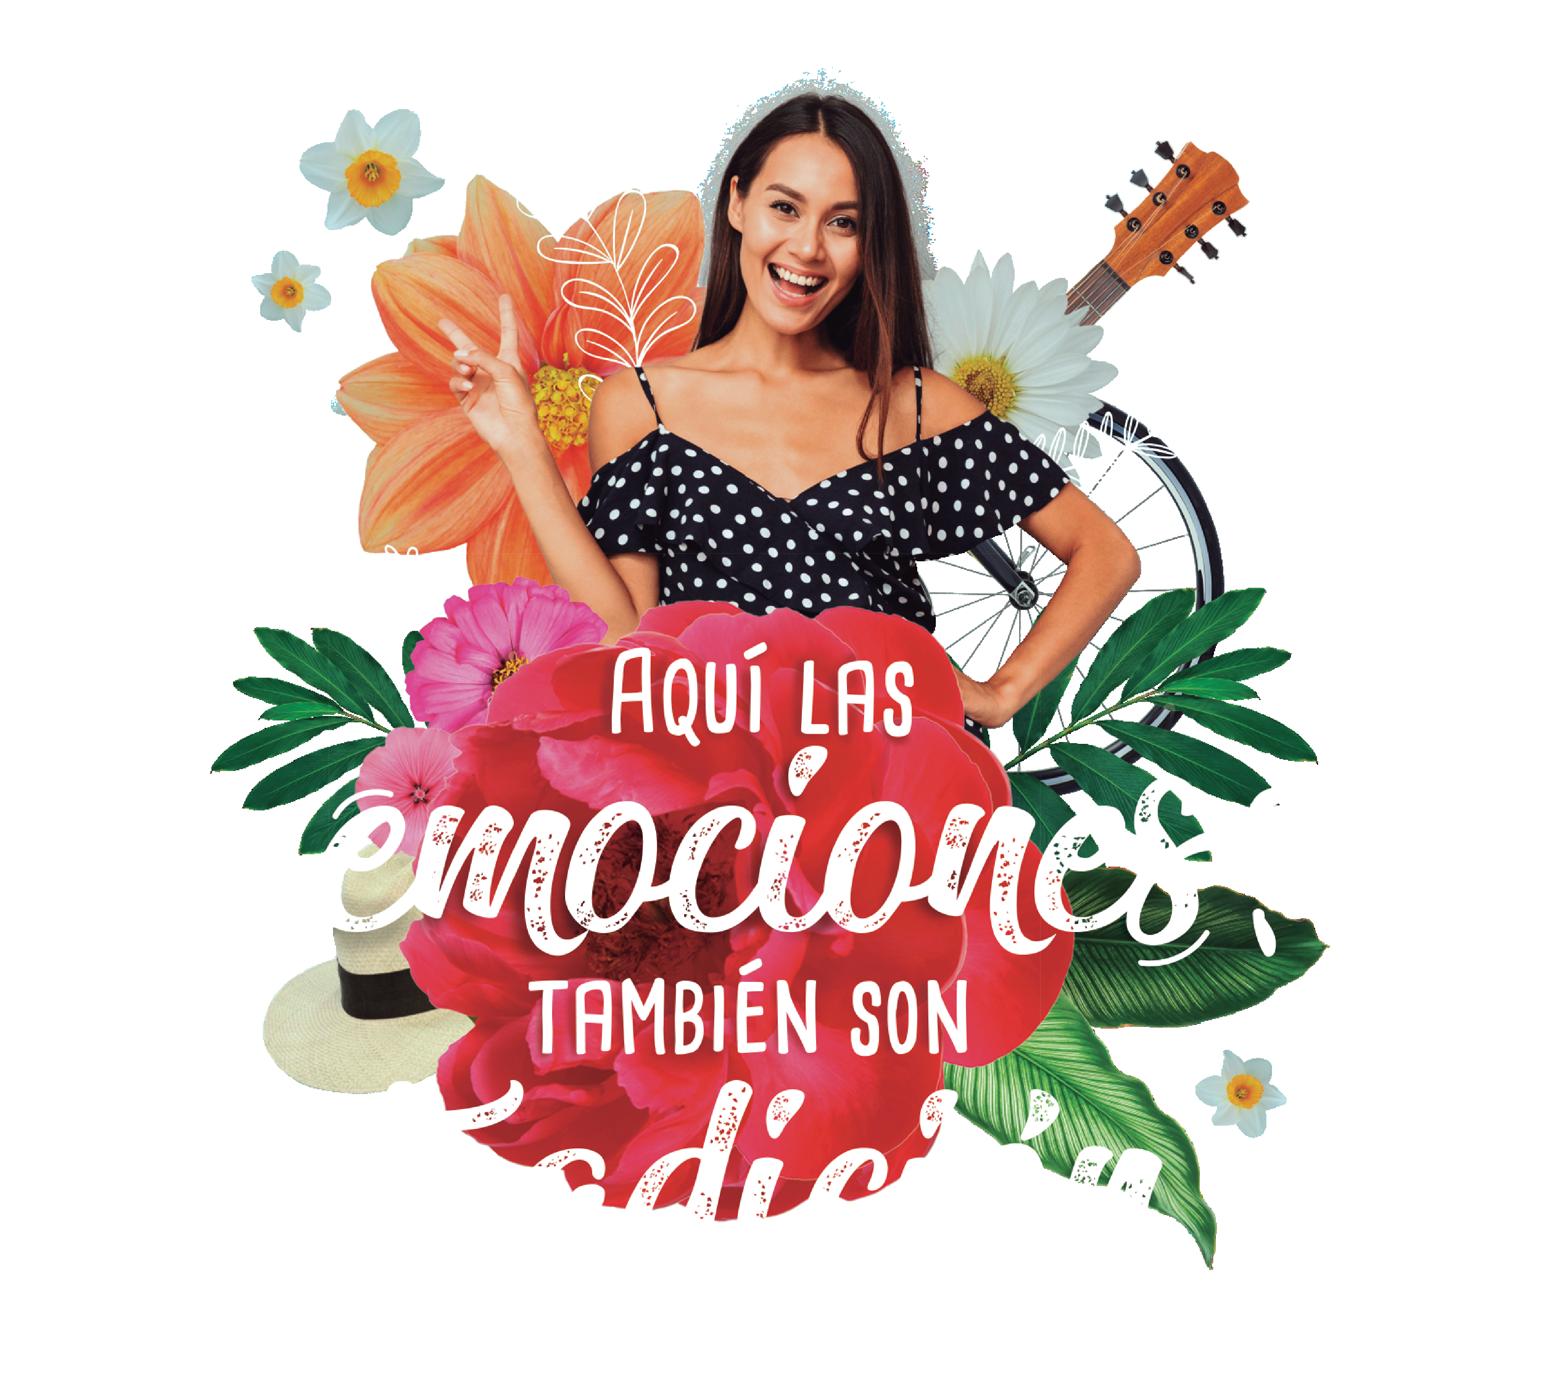 Aquí las emociones también son tradición